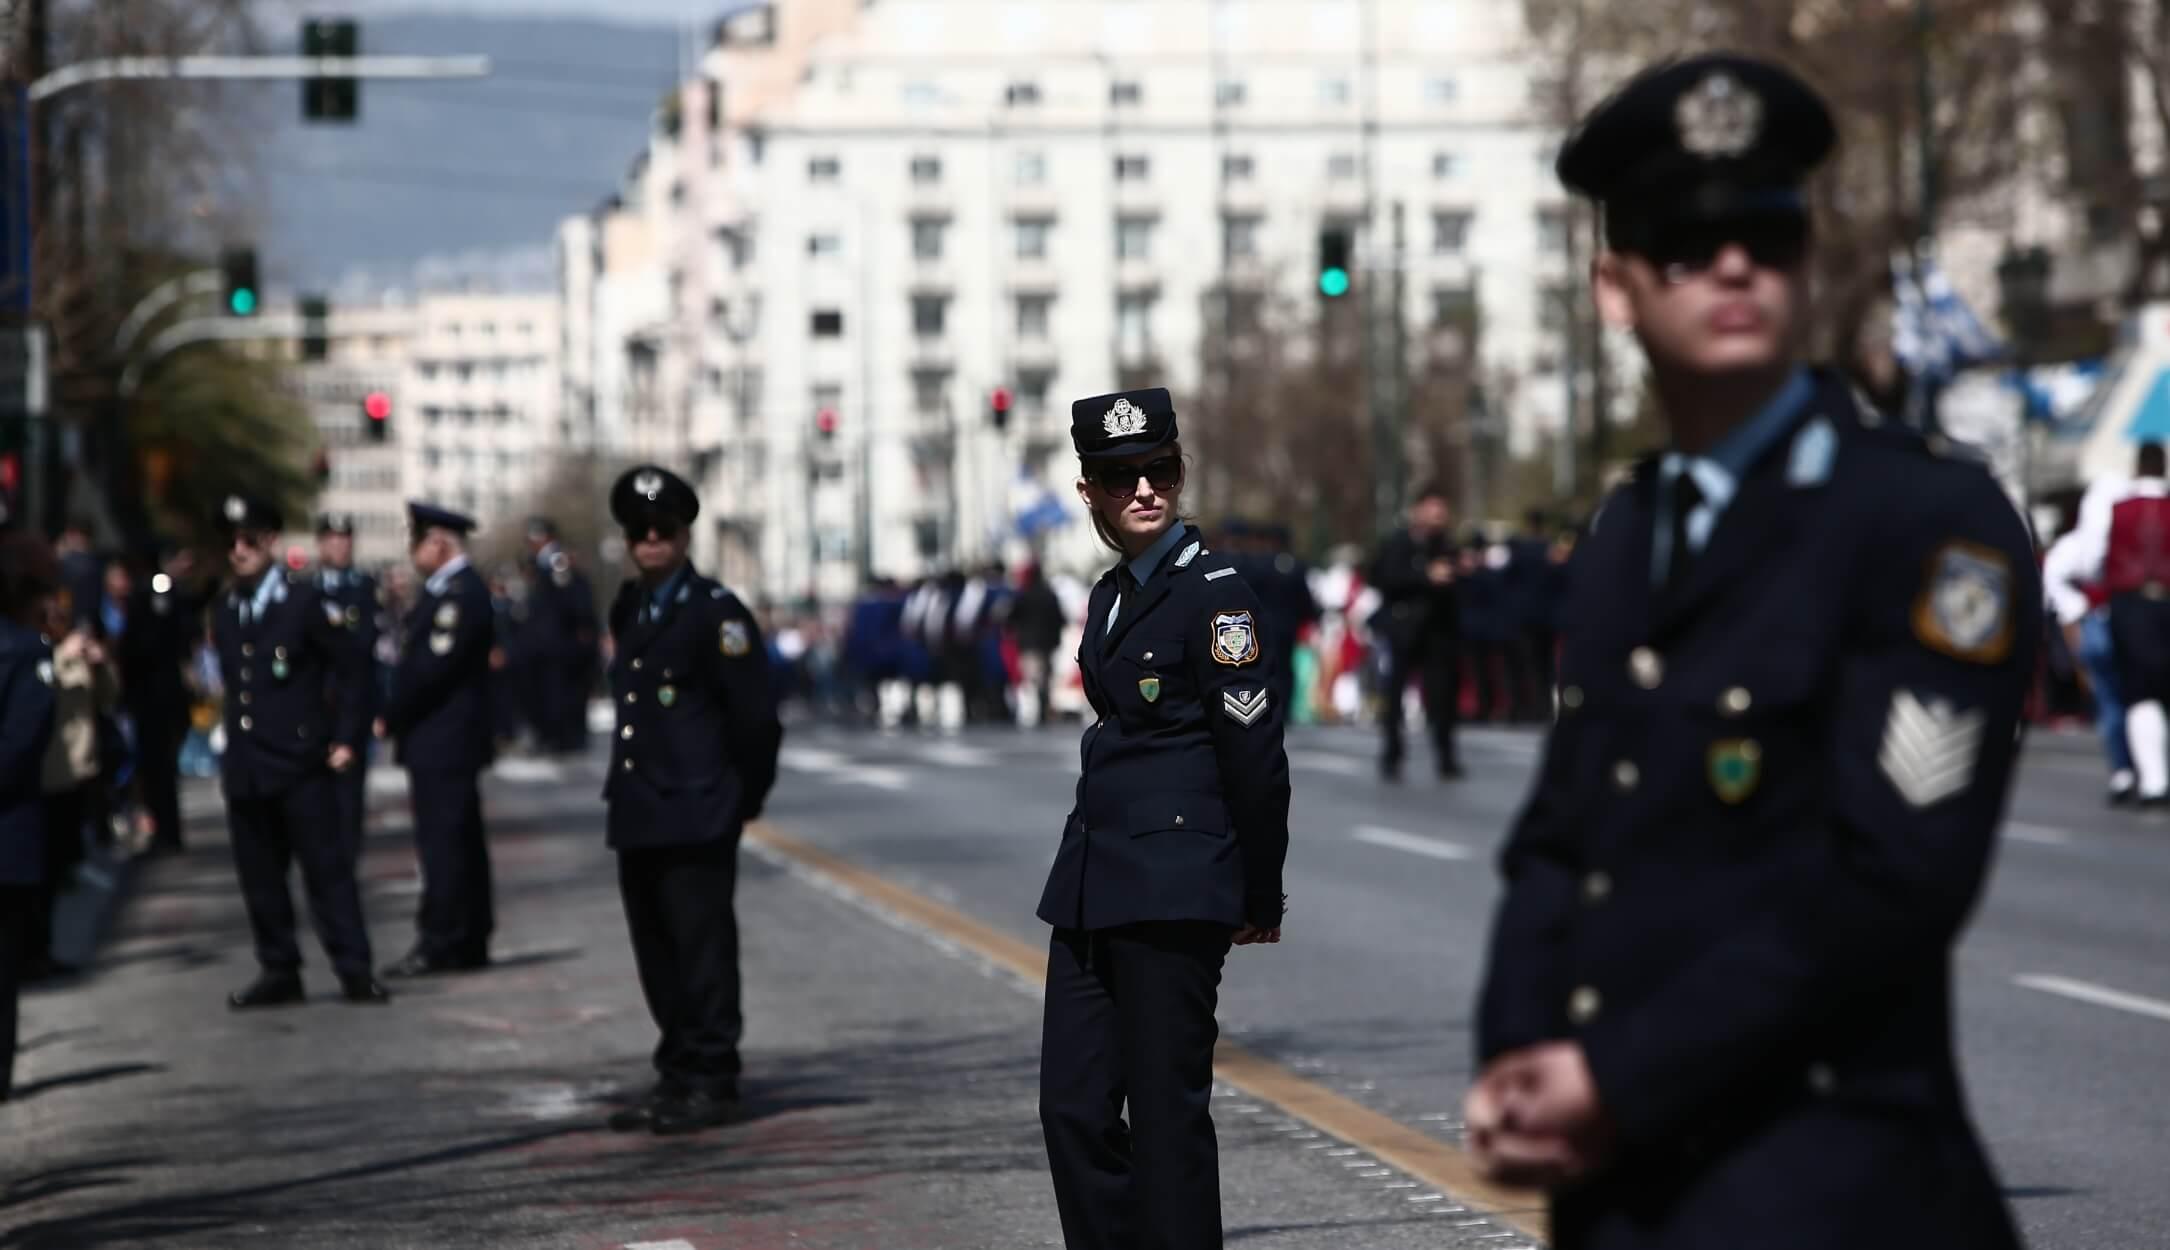 Στρατιωτική παρέλαση – Μαθητική παρέλαση 2019: Δρόμοι κλειστοί και πρόγραμμα εκδηλώσεων